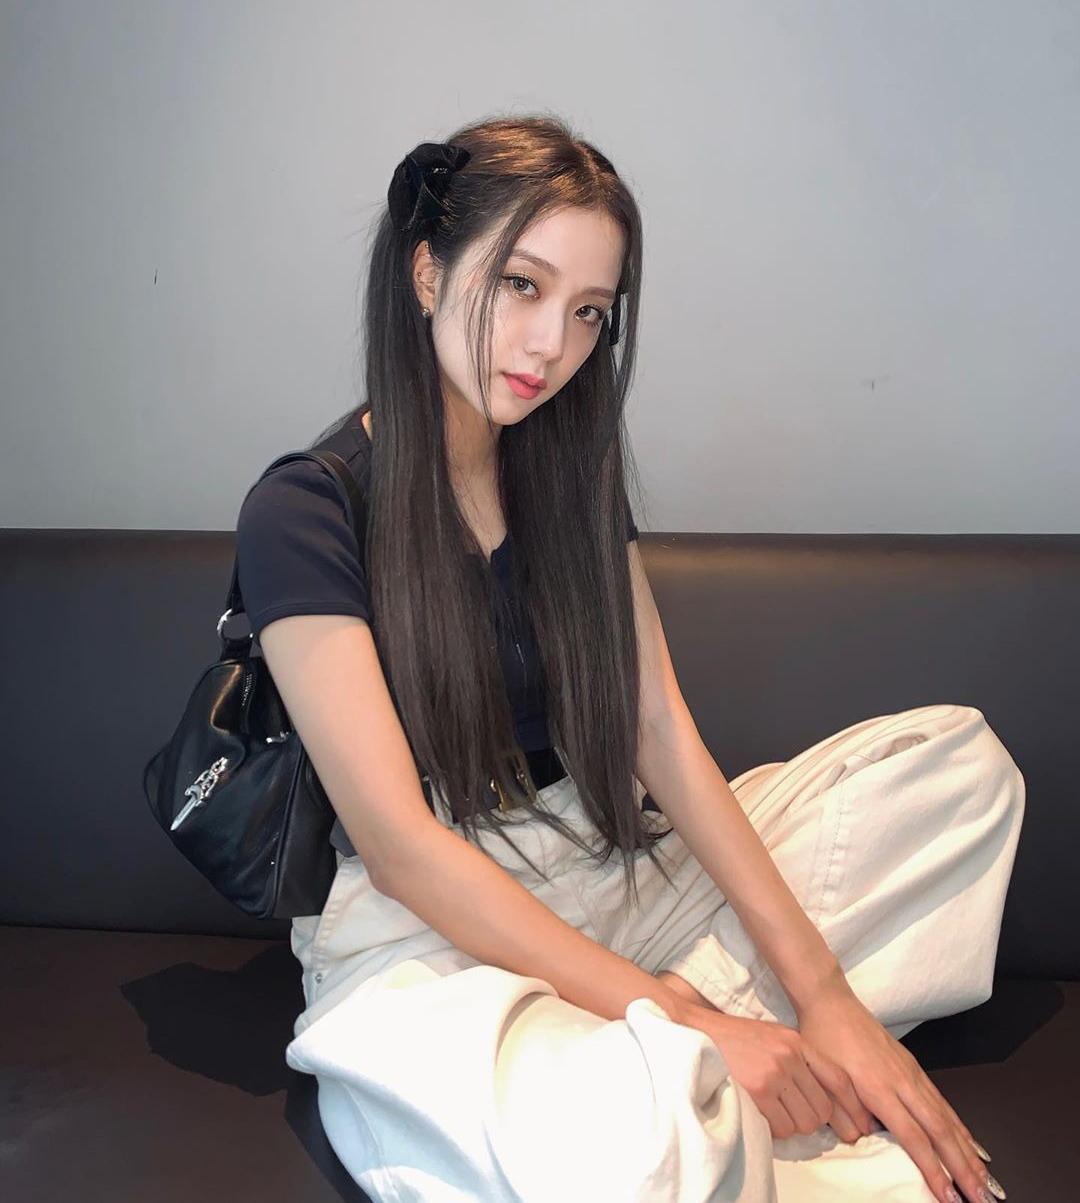 Từ khi comeback với How you like that, Ji Soo có sự thay đổi rõ rệt về ngoại hình. Dù không đổi những màu tóc chất chơi như các thành viên khác, nữ idol cho thấy việc đầu tư chỉn chu hơn bằng style làm tóc cầu kỳ. Không chỉ lăng xê mái tóc buộc nửa điệu đà khắp châu Á, Ji Soo còn áp dụng kiểu tóc này thường xuyên ở đời thường. Nhiều khán giả phát hiện gần đây, kể cả khi mặc đồ siêu đơn giản, visual Black Pink vẫn làm tóc rất chỉn chu.